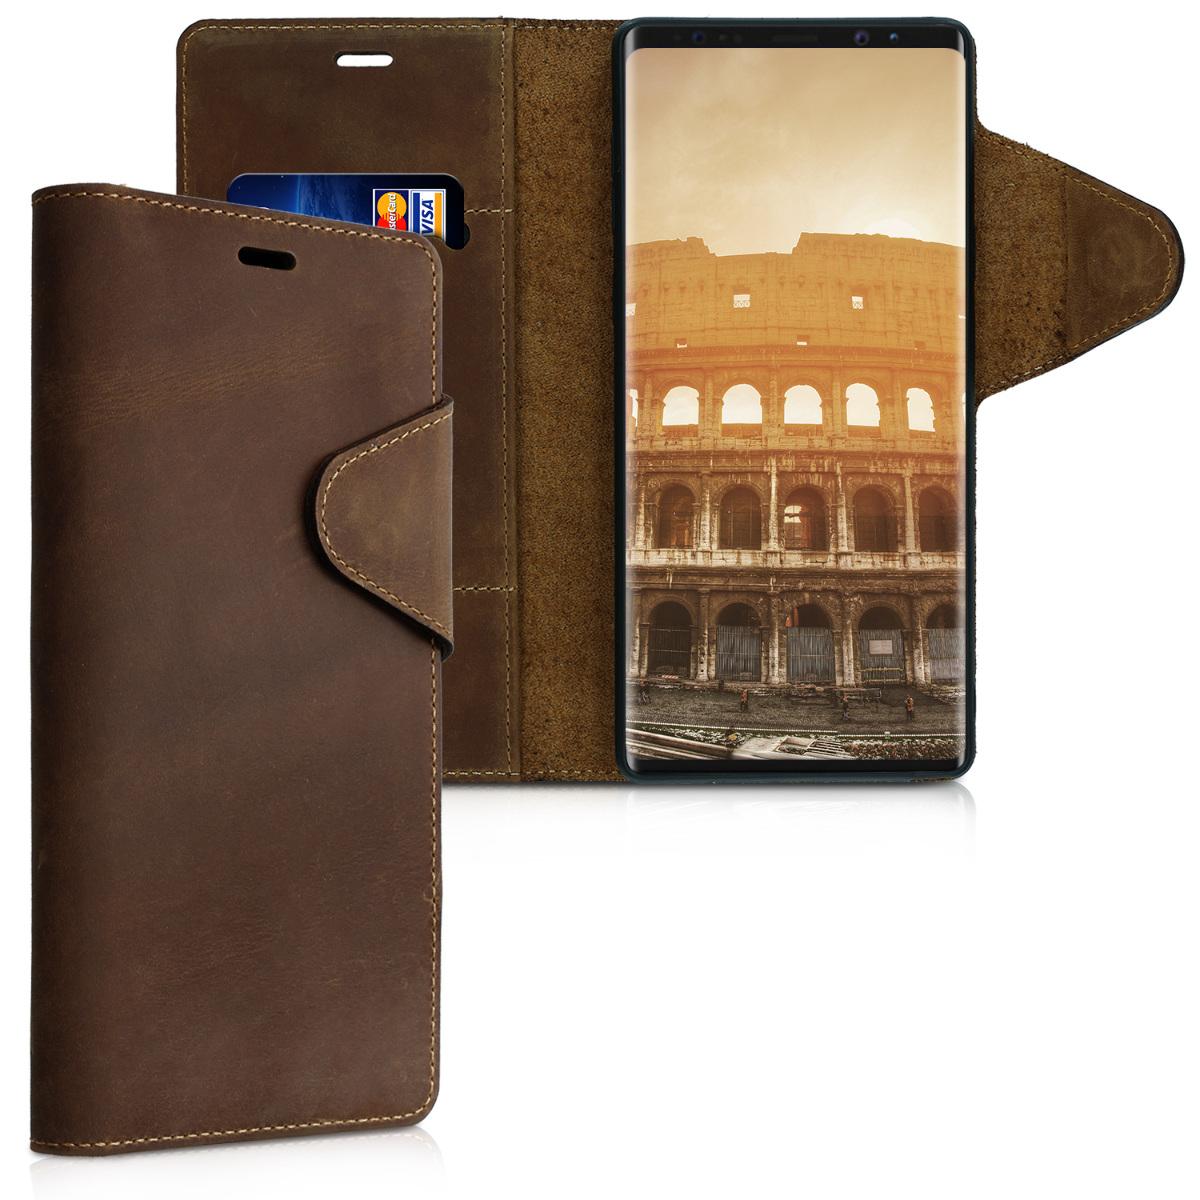 Kalibri Δερμάτινη Suede Θήκη - Πορτοφόλι Samsung Galaxy Note 9 - Brown (46126.05)